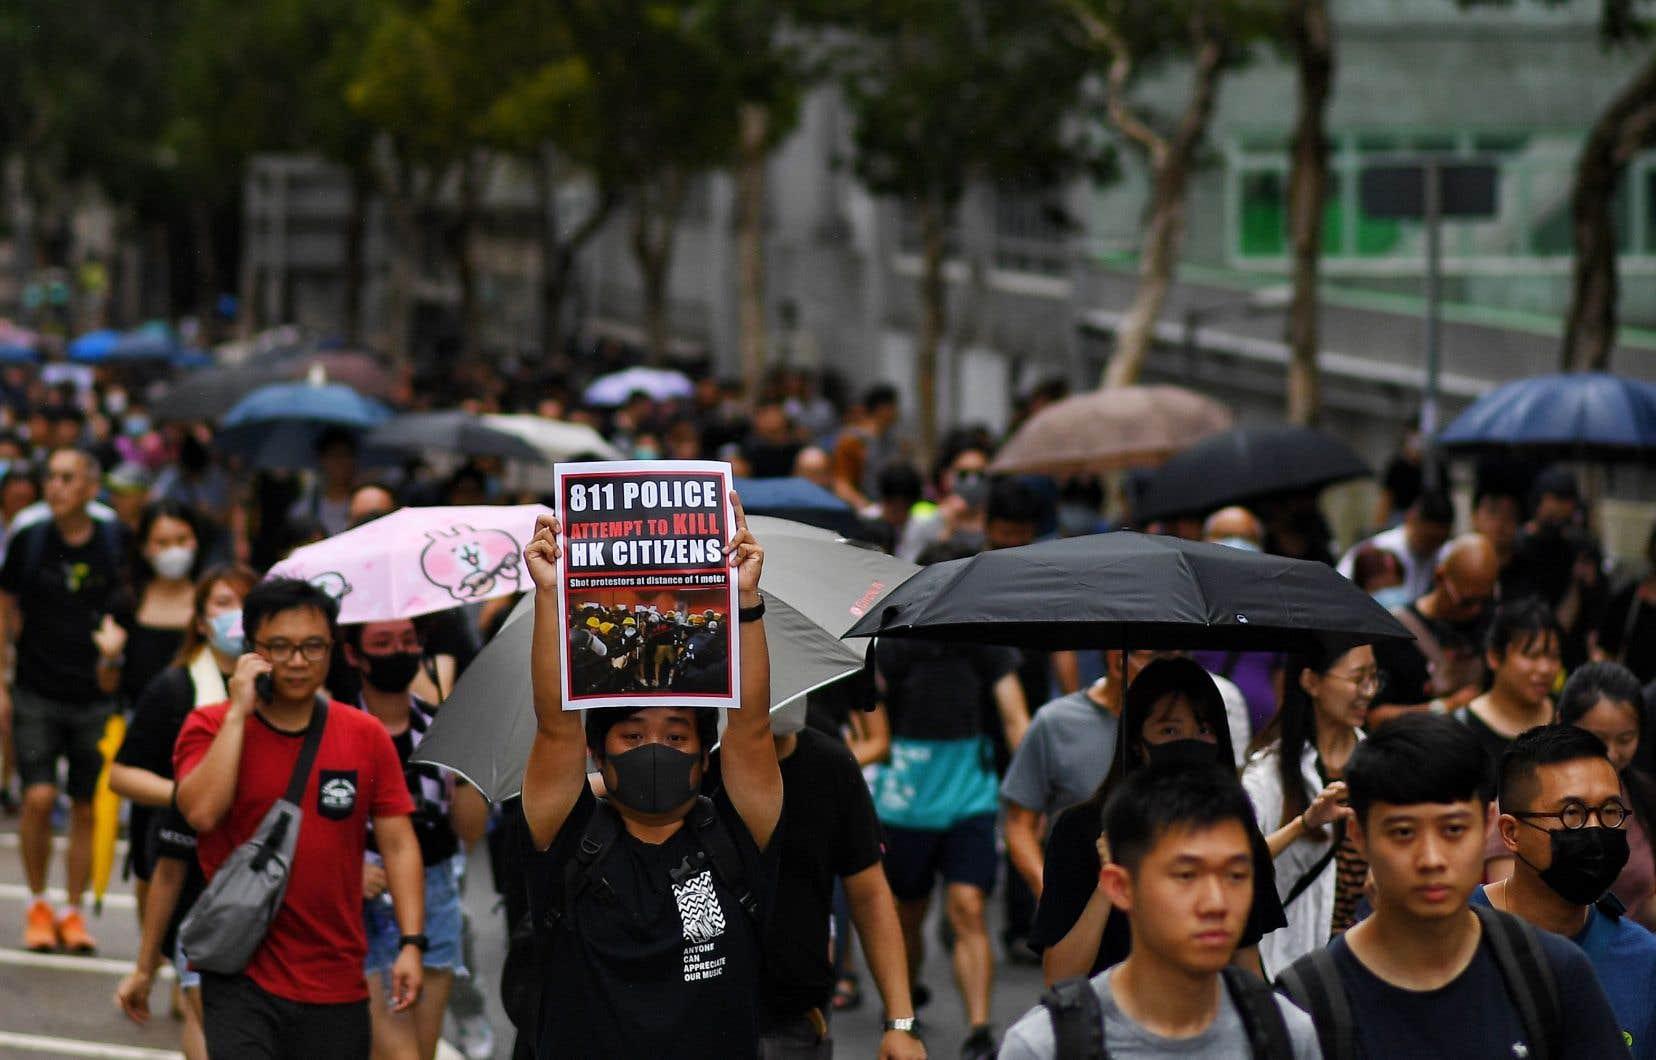 «Le gouvernement n'a pas encore répondu à une seule revendication et a intensifié la pression policière pour réprimer la voix du peuple», a déclaré à l'AFP un manifestant de 25ans disant se prénommer Mars.